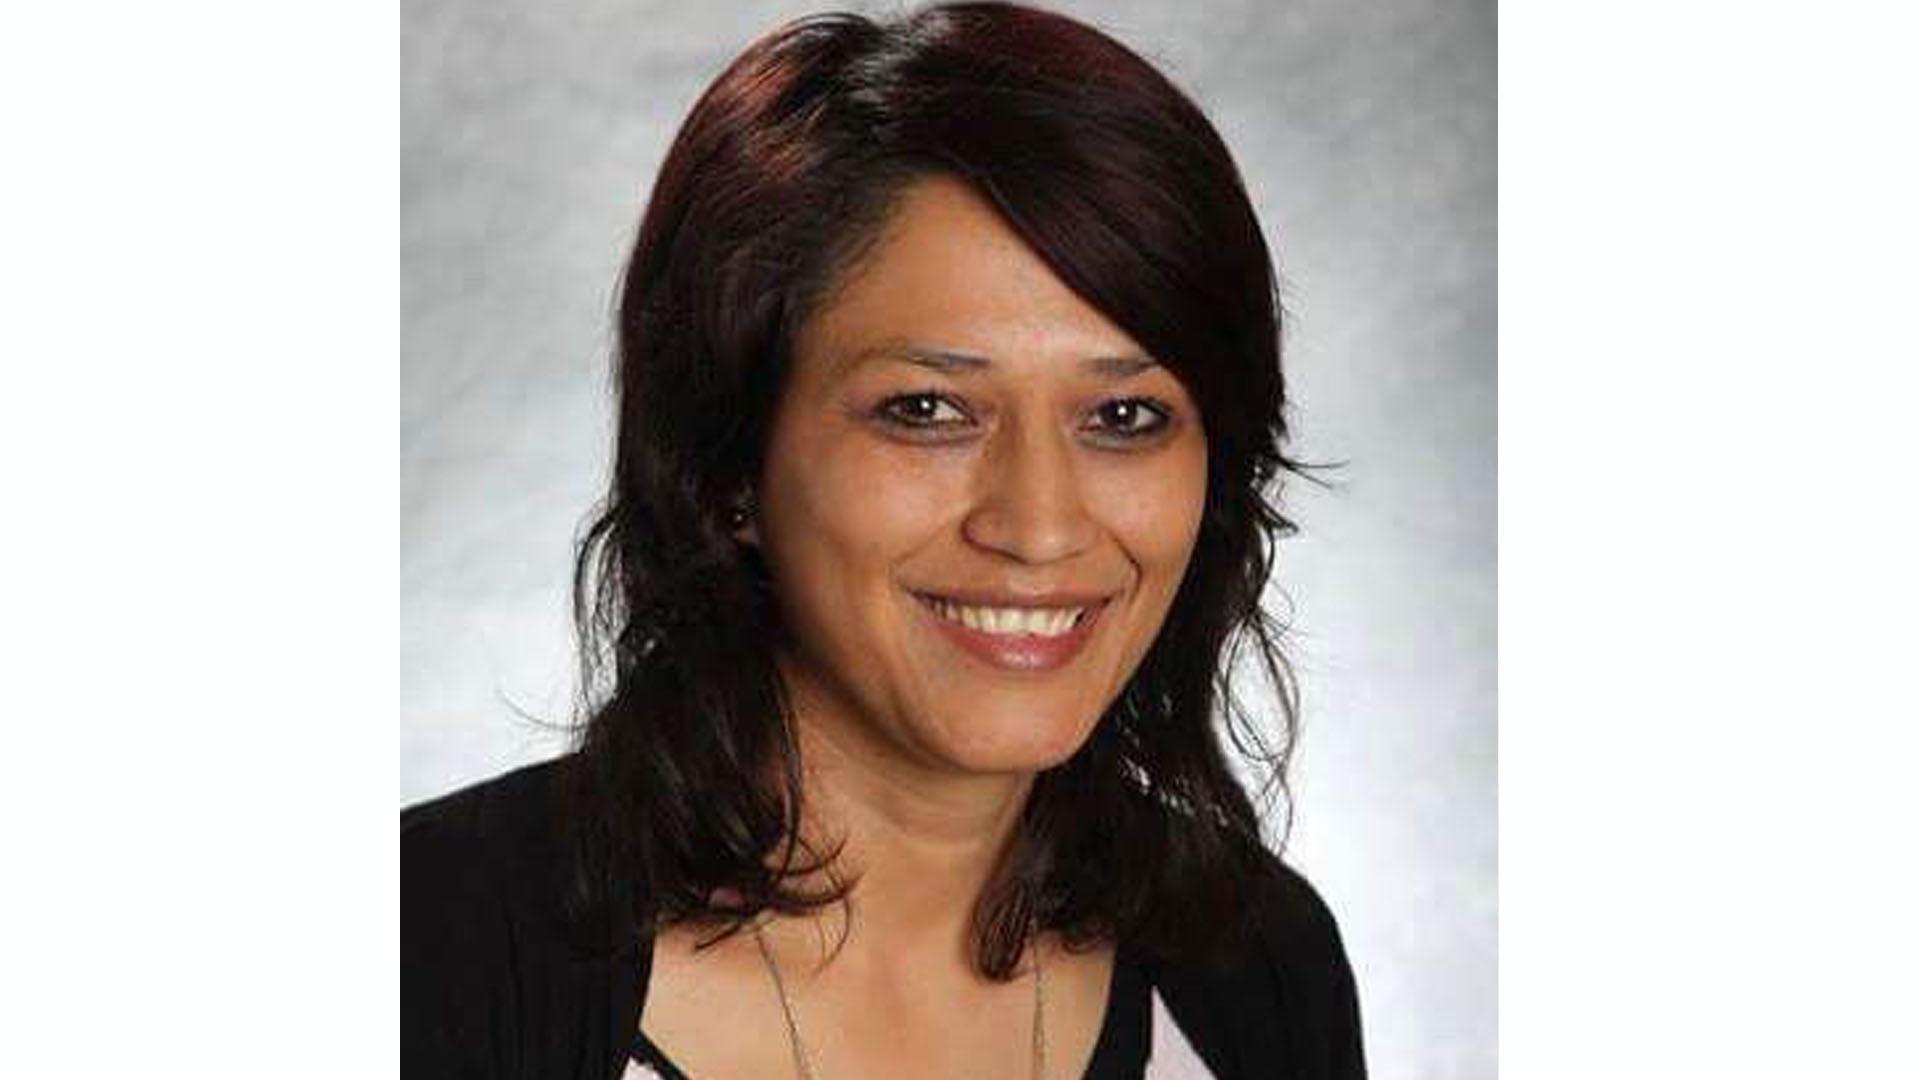 Teresita Ewen López ist die Tochter von Pastor Ewen und lebt in Huehuetenango